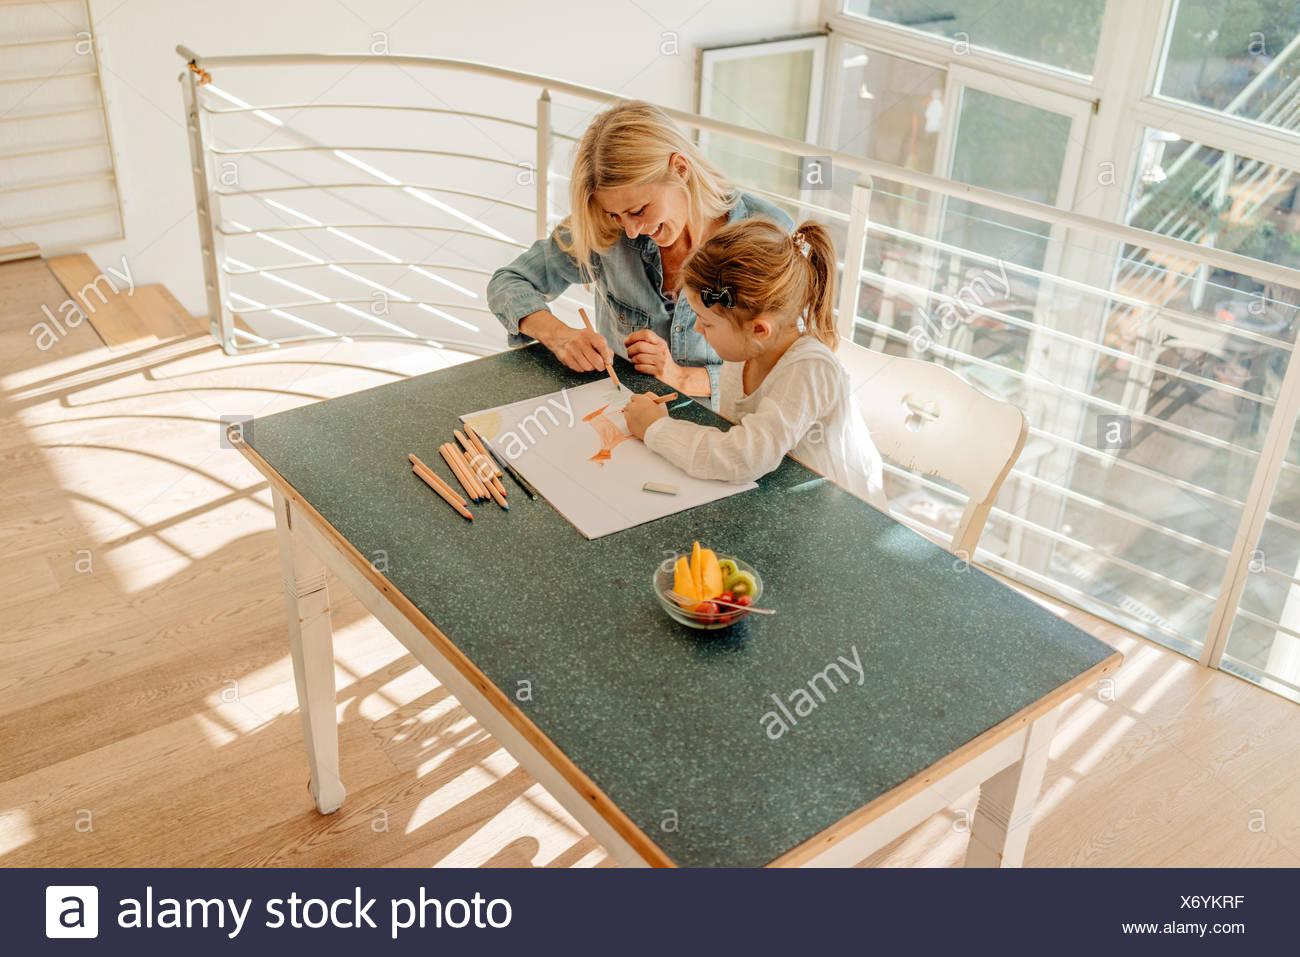 Donna matura e una ragazza a casa insieme di disegno Immagini Stock